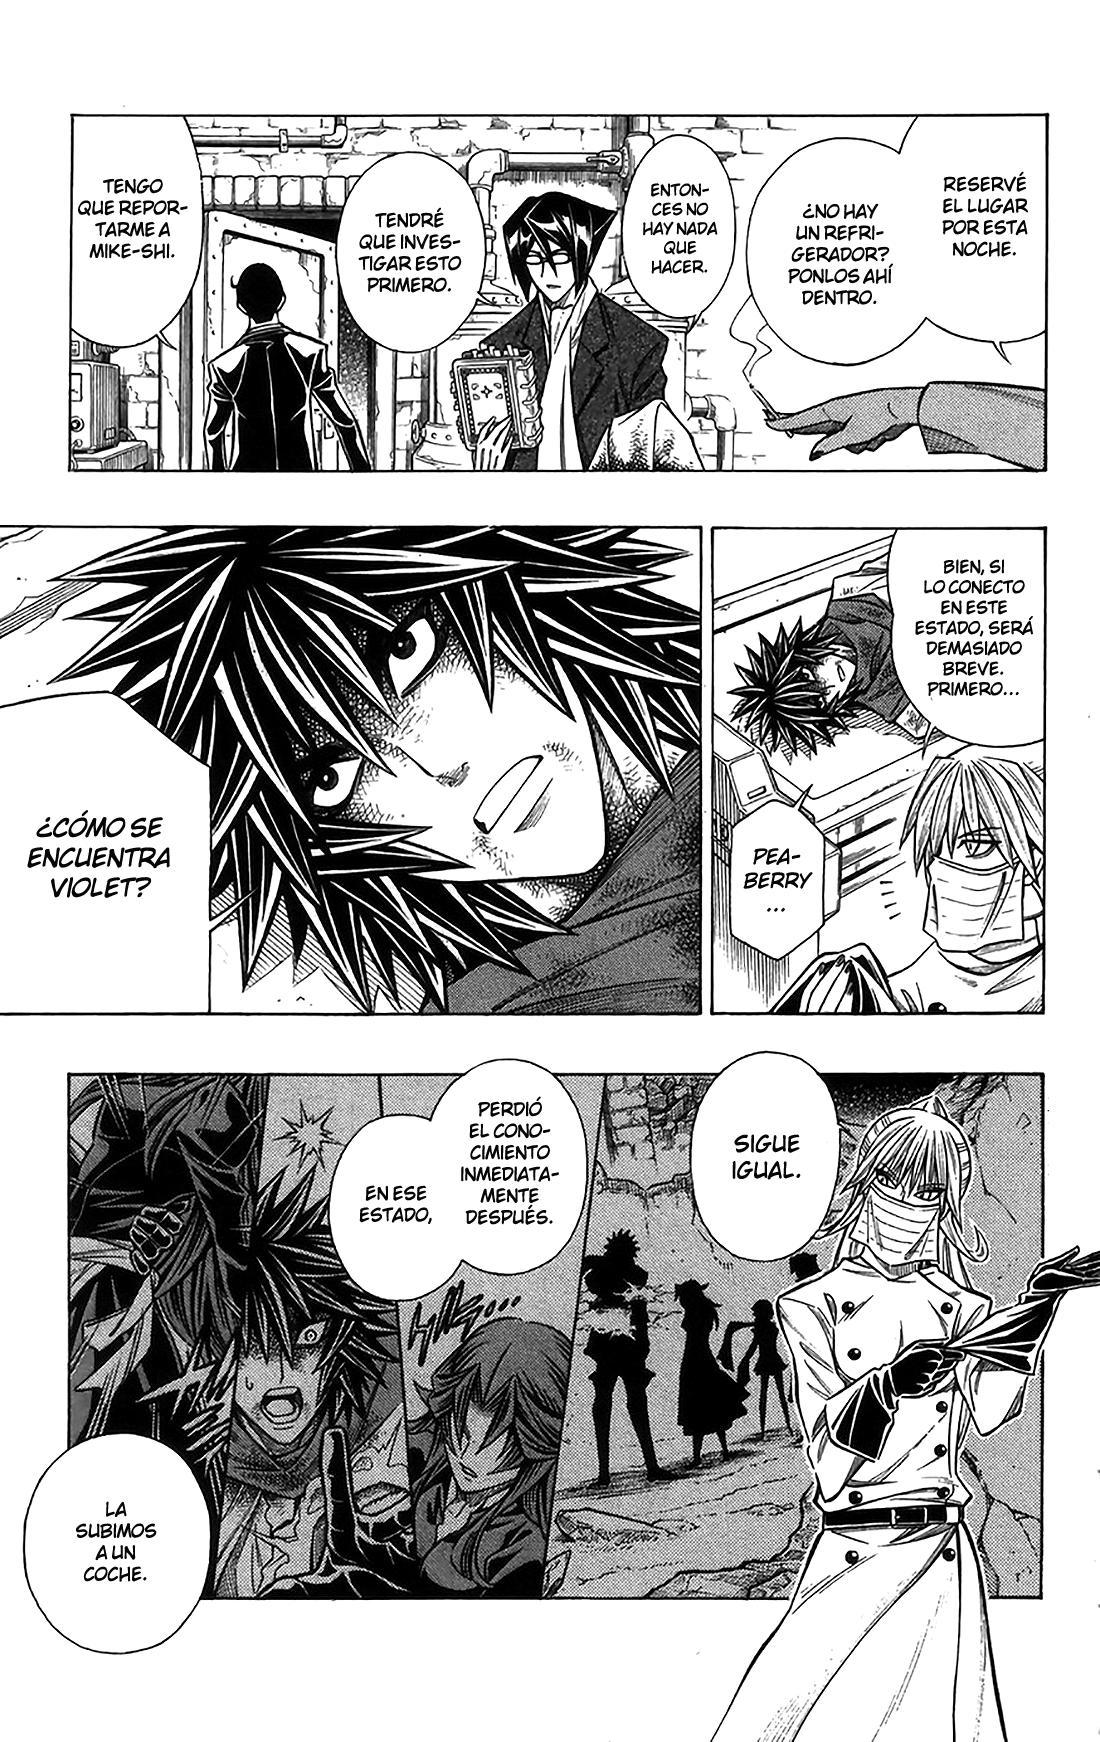 http://c5.ninemanga.com/es_manga/45/18797/447912/95569a10706dbb75839b8200a084dc1b.jpg Page 5